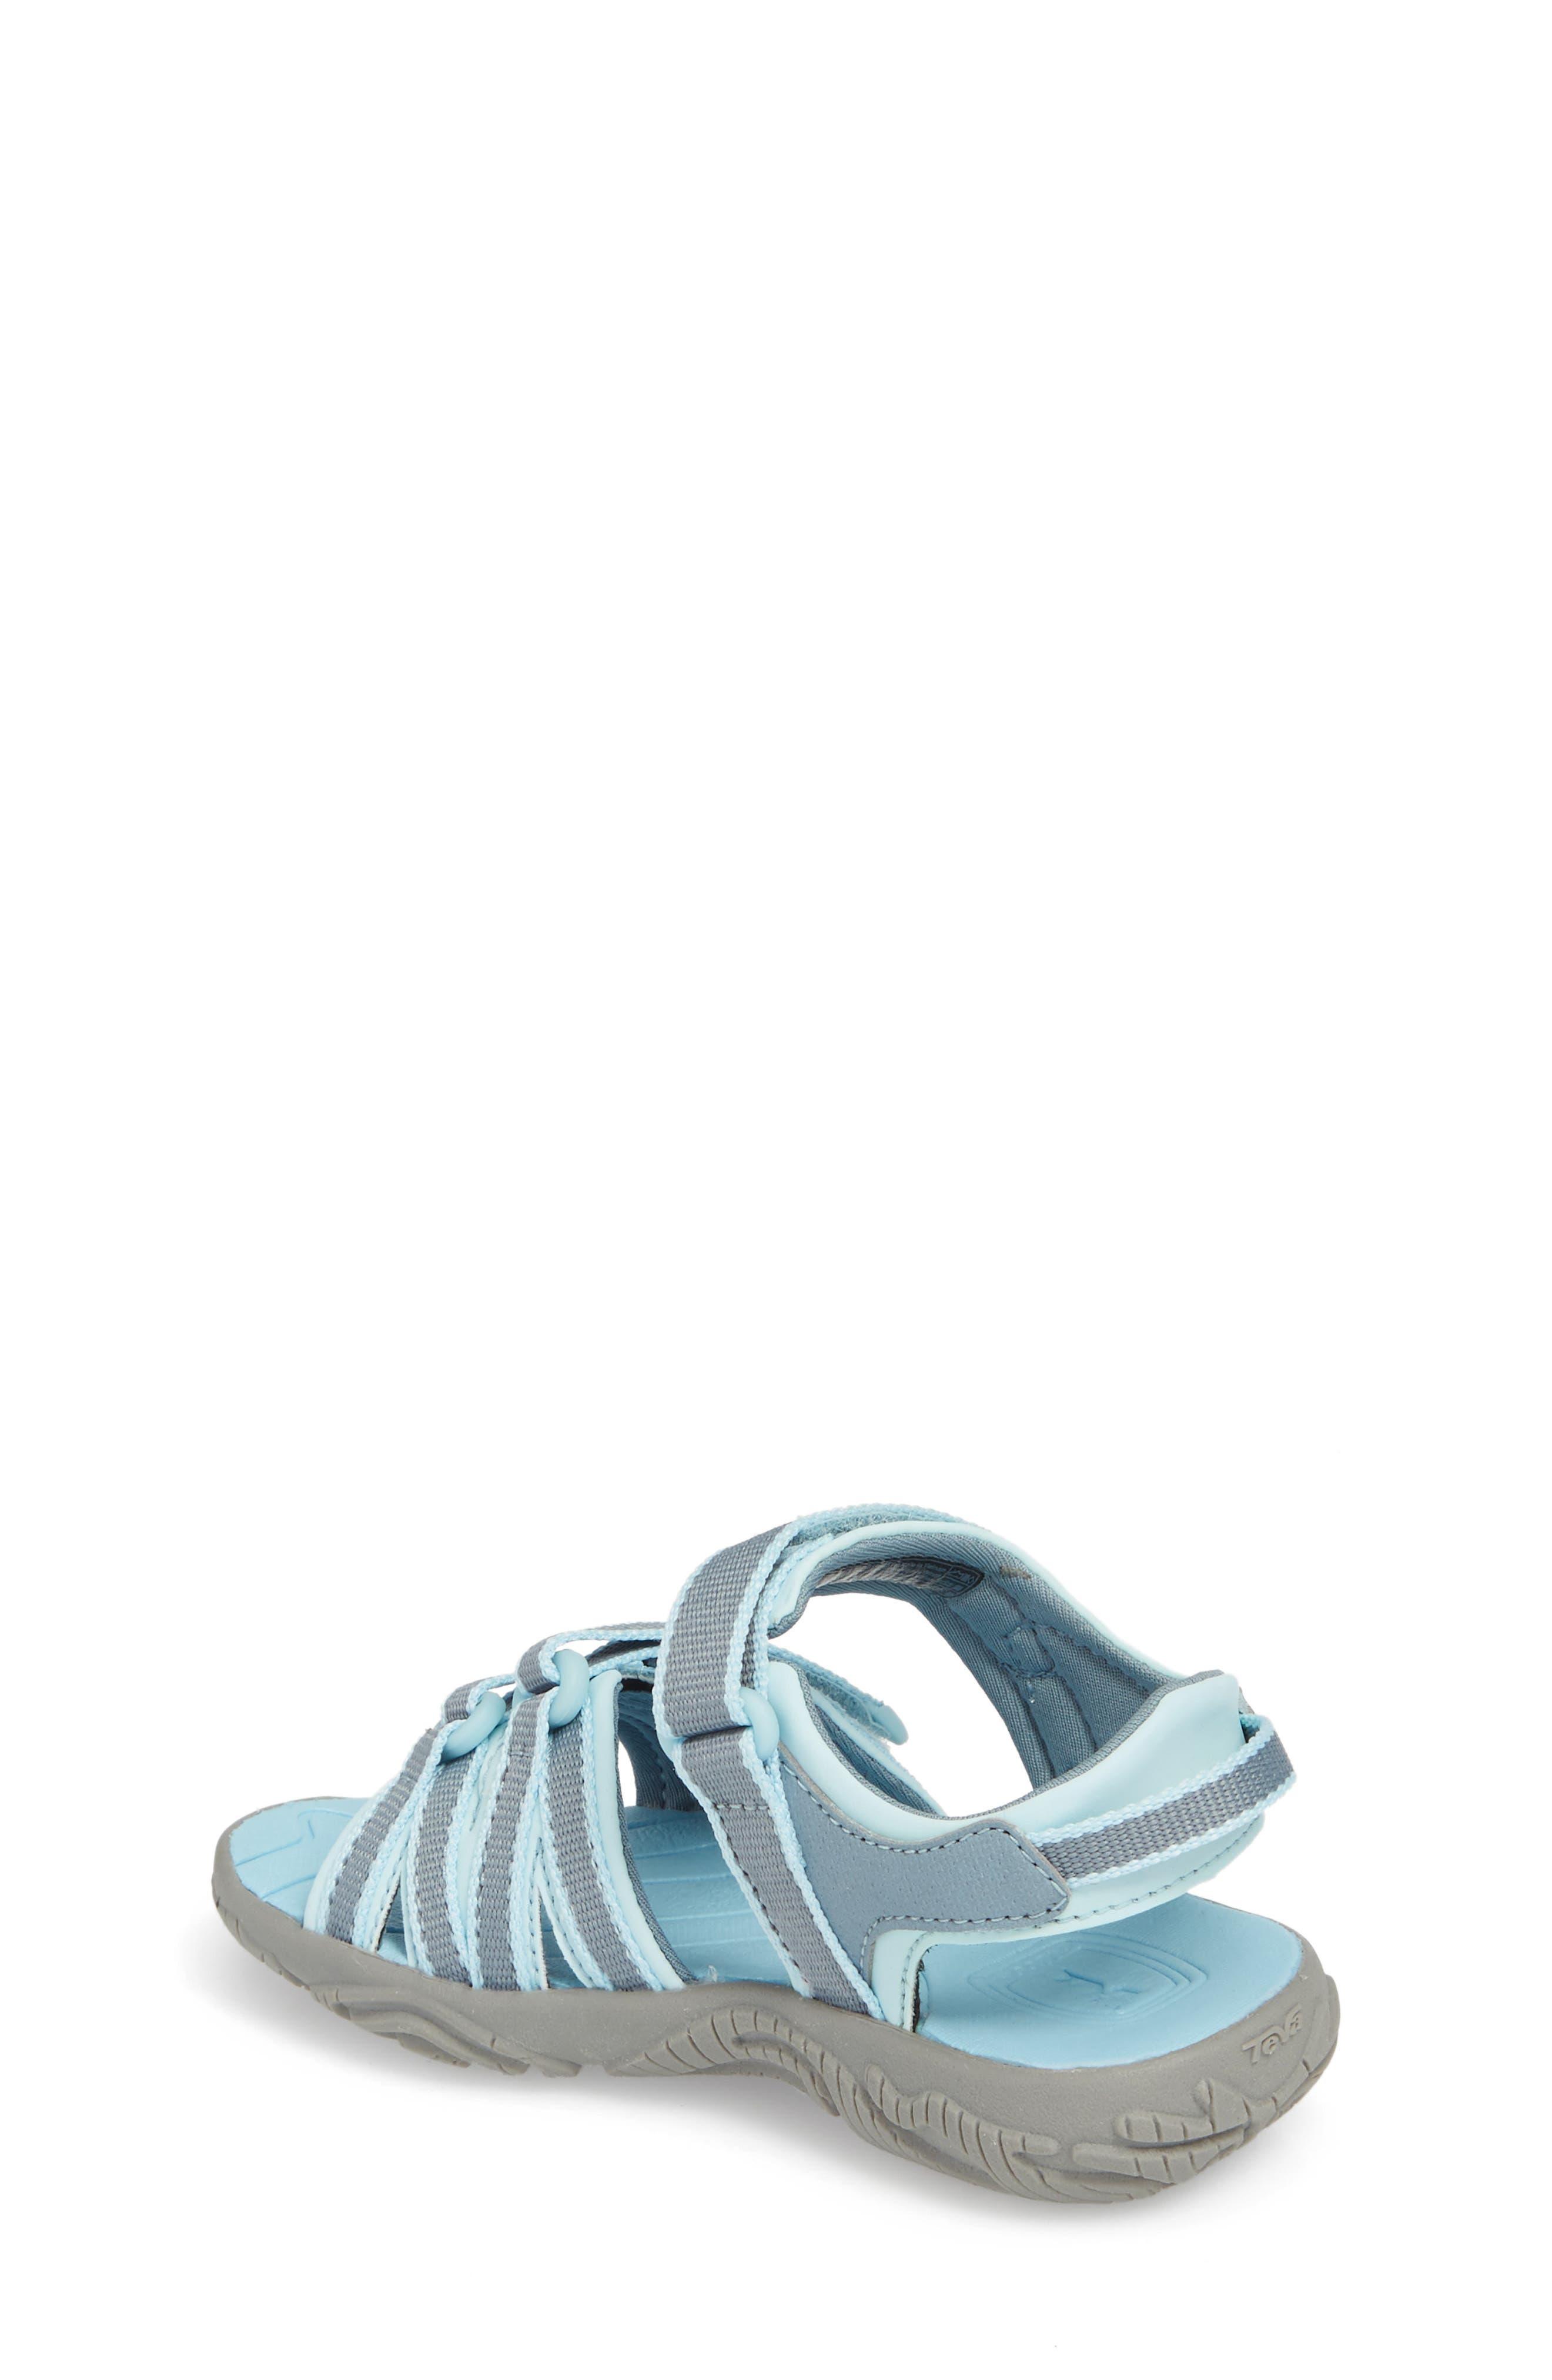 Tirra Sport Sandal,                             Alternate thumbnail 2, color,                             456